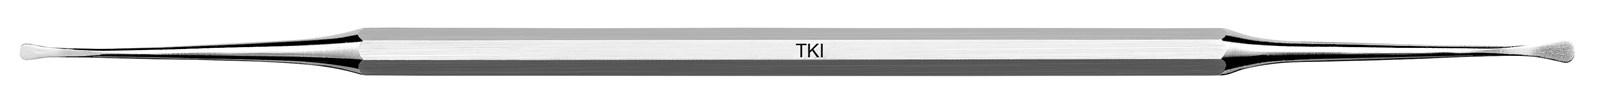 Nůž pro tunelovou techniku - TKI, ADEP světle zelený